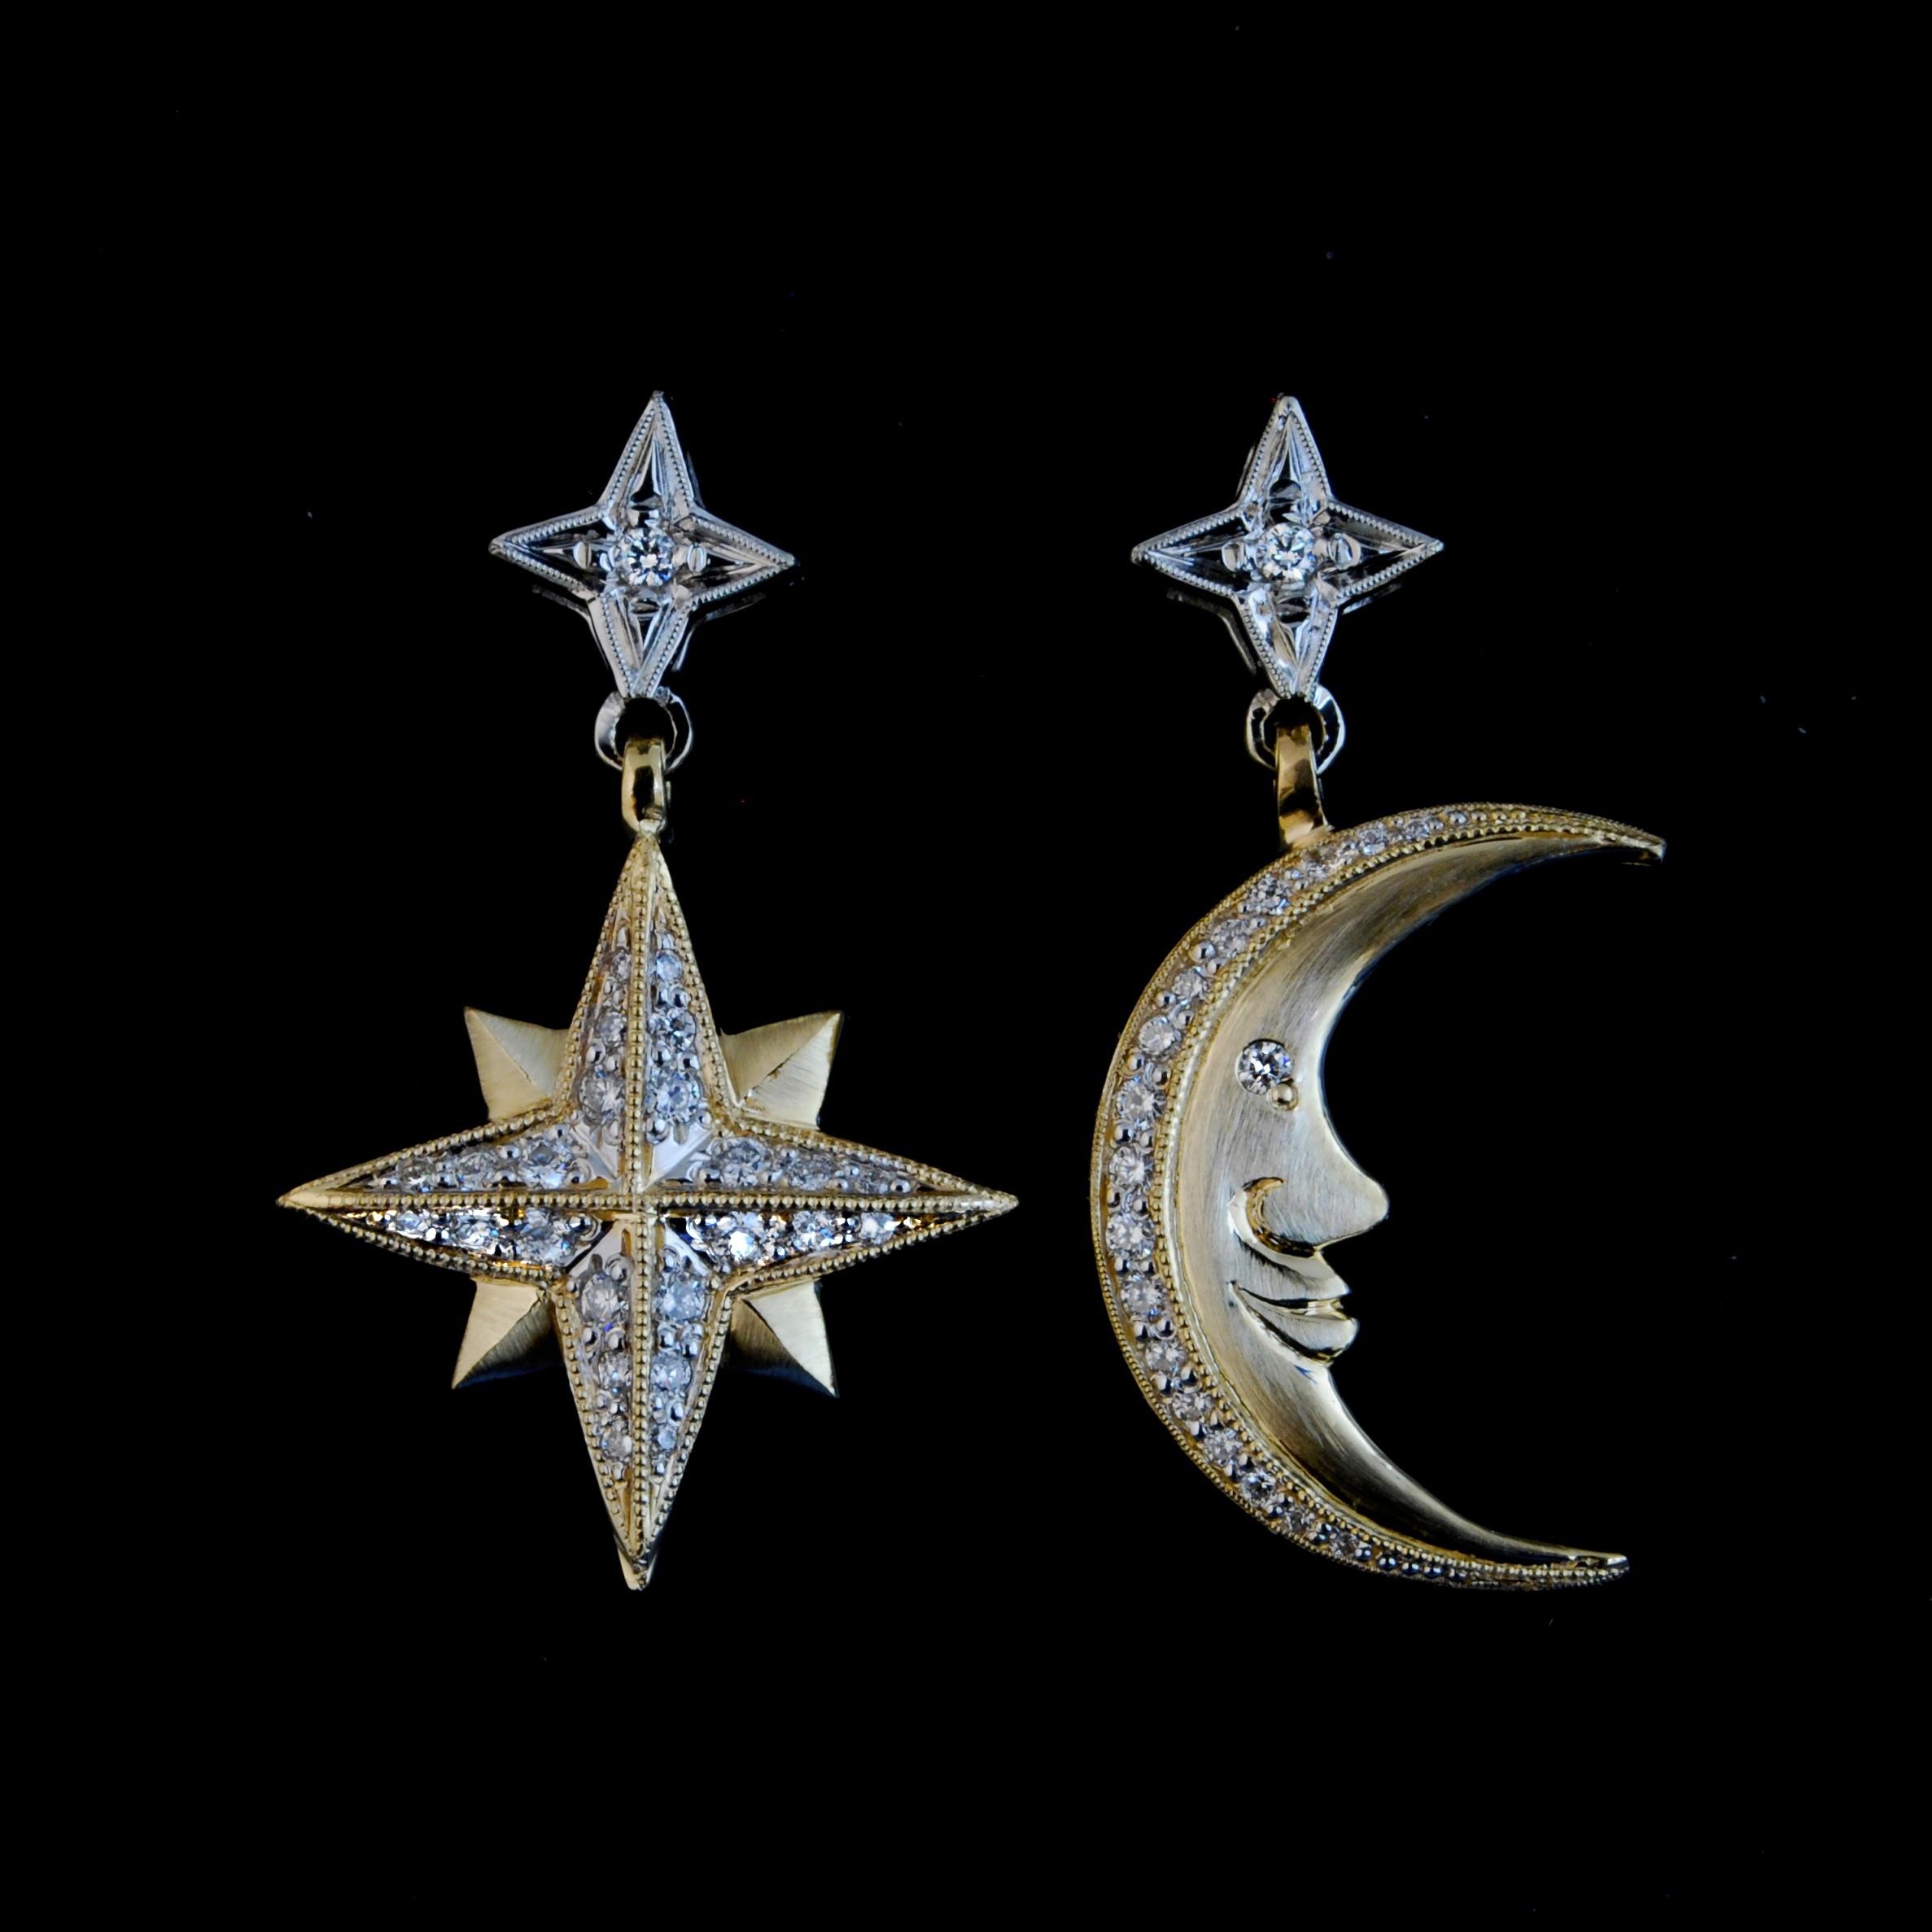 Star,moon e.r's (1).jpg